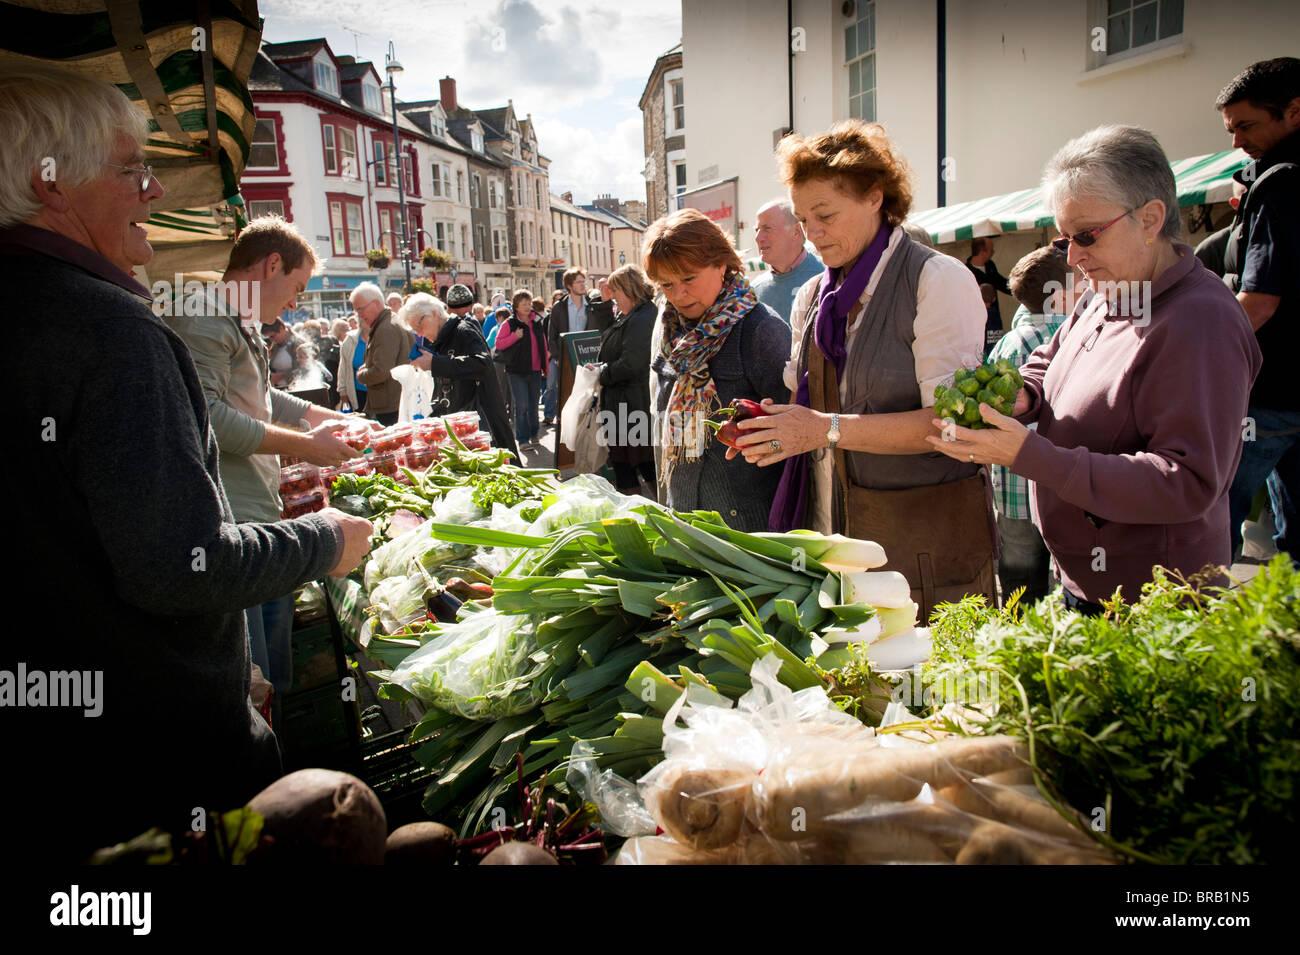 ELISABETH LUARD, écrivain, l'achat de légumes frais locaux un marché de producteurs et d'Aberystwyth Photo Stock